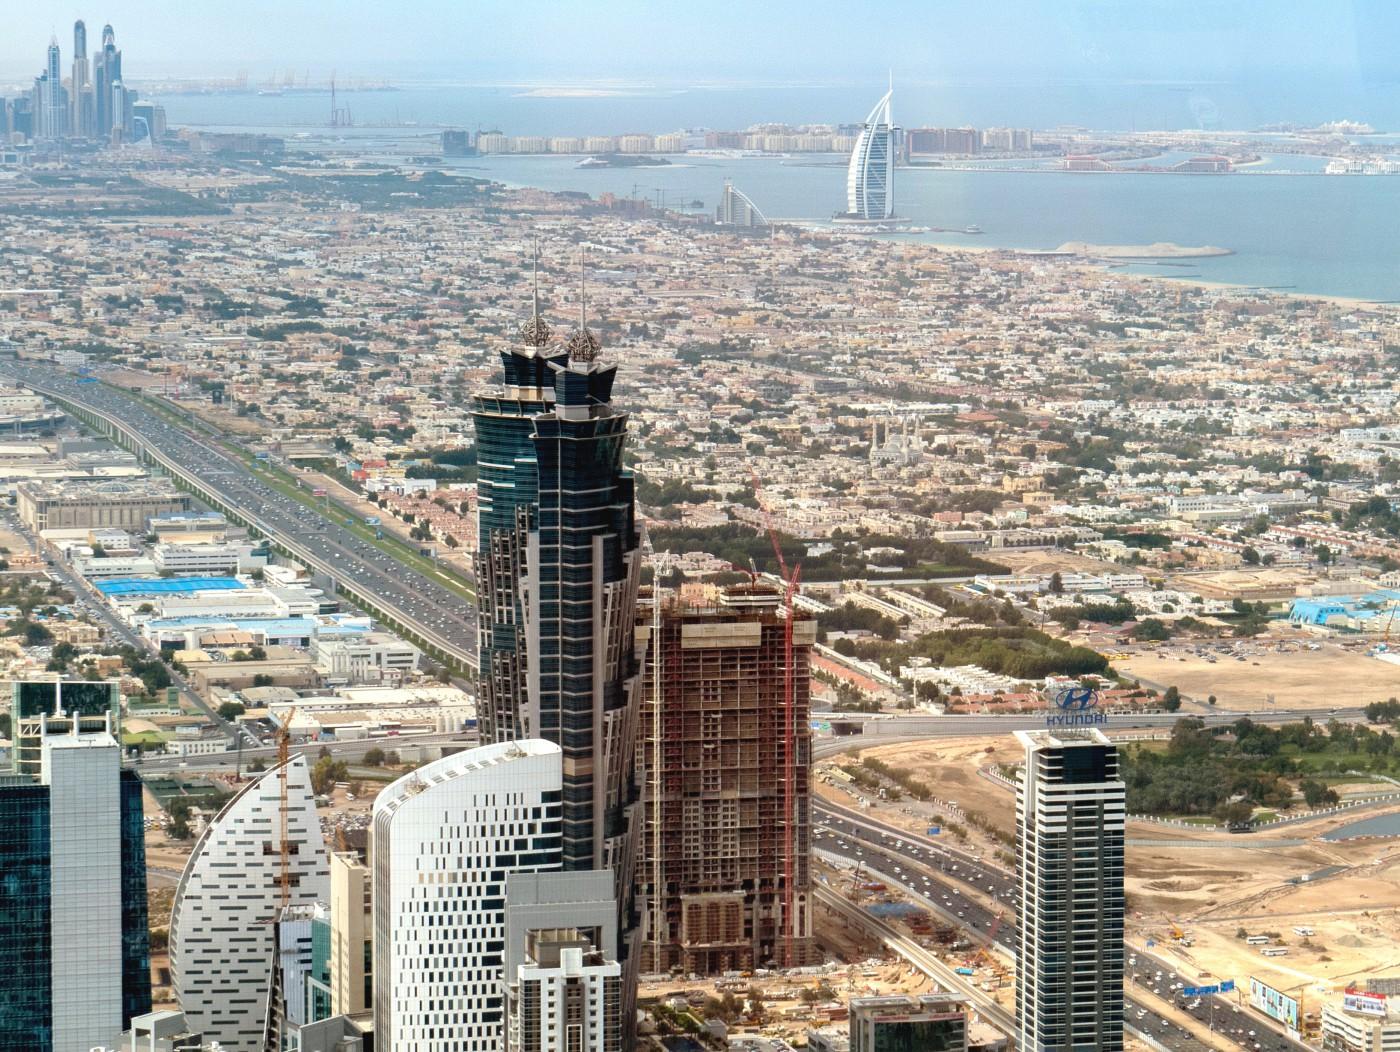 Stopover in Dubai 2015